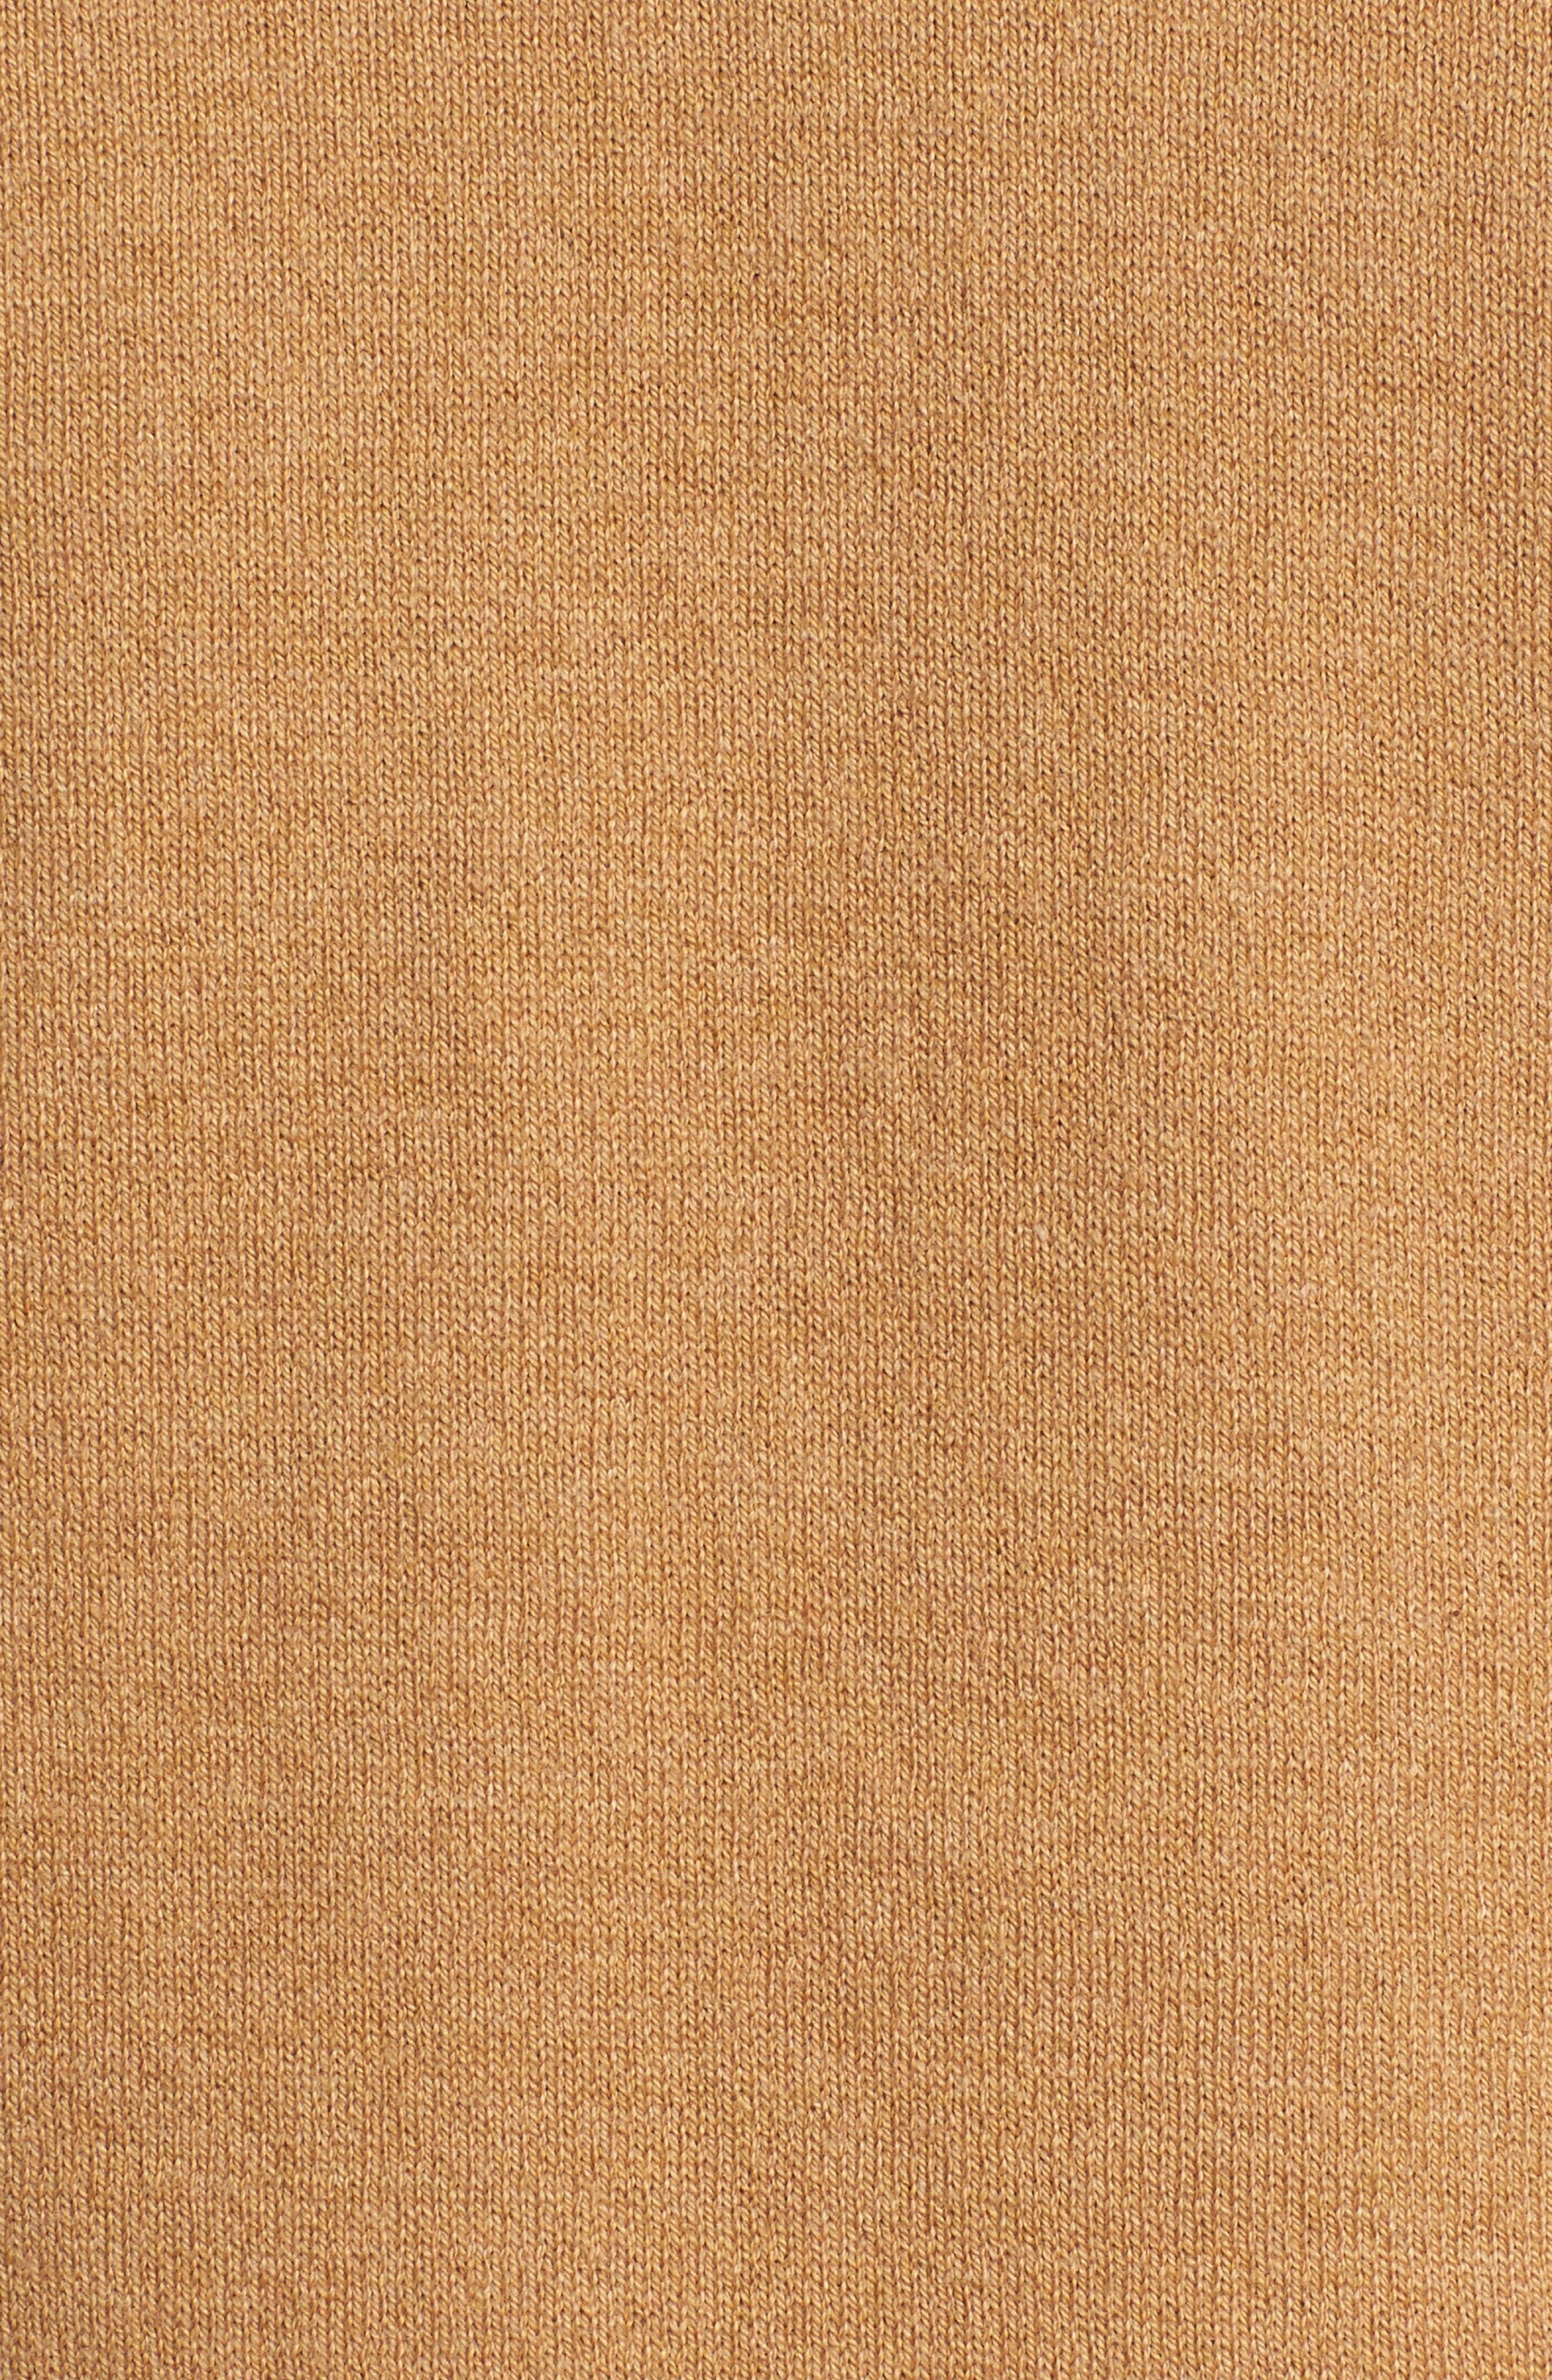 Saddle Shoulder Cotton & Cashmere V-Neck Sweater,                             Alternate thumbnail 37, color,